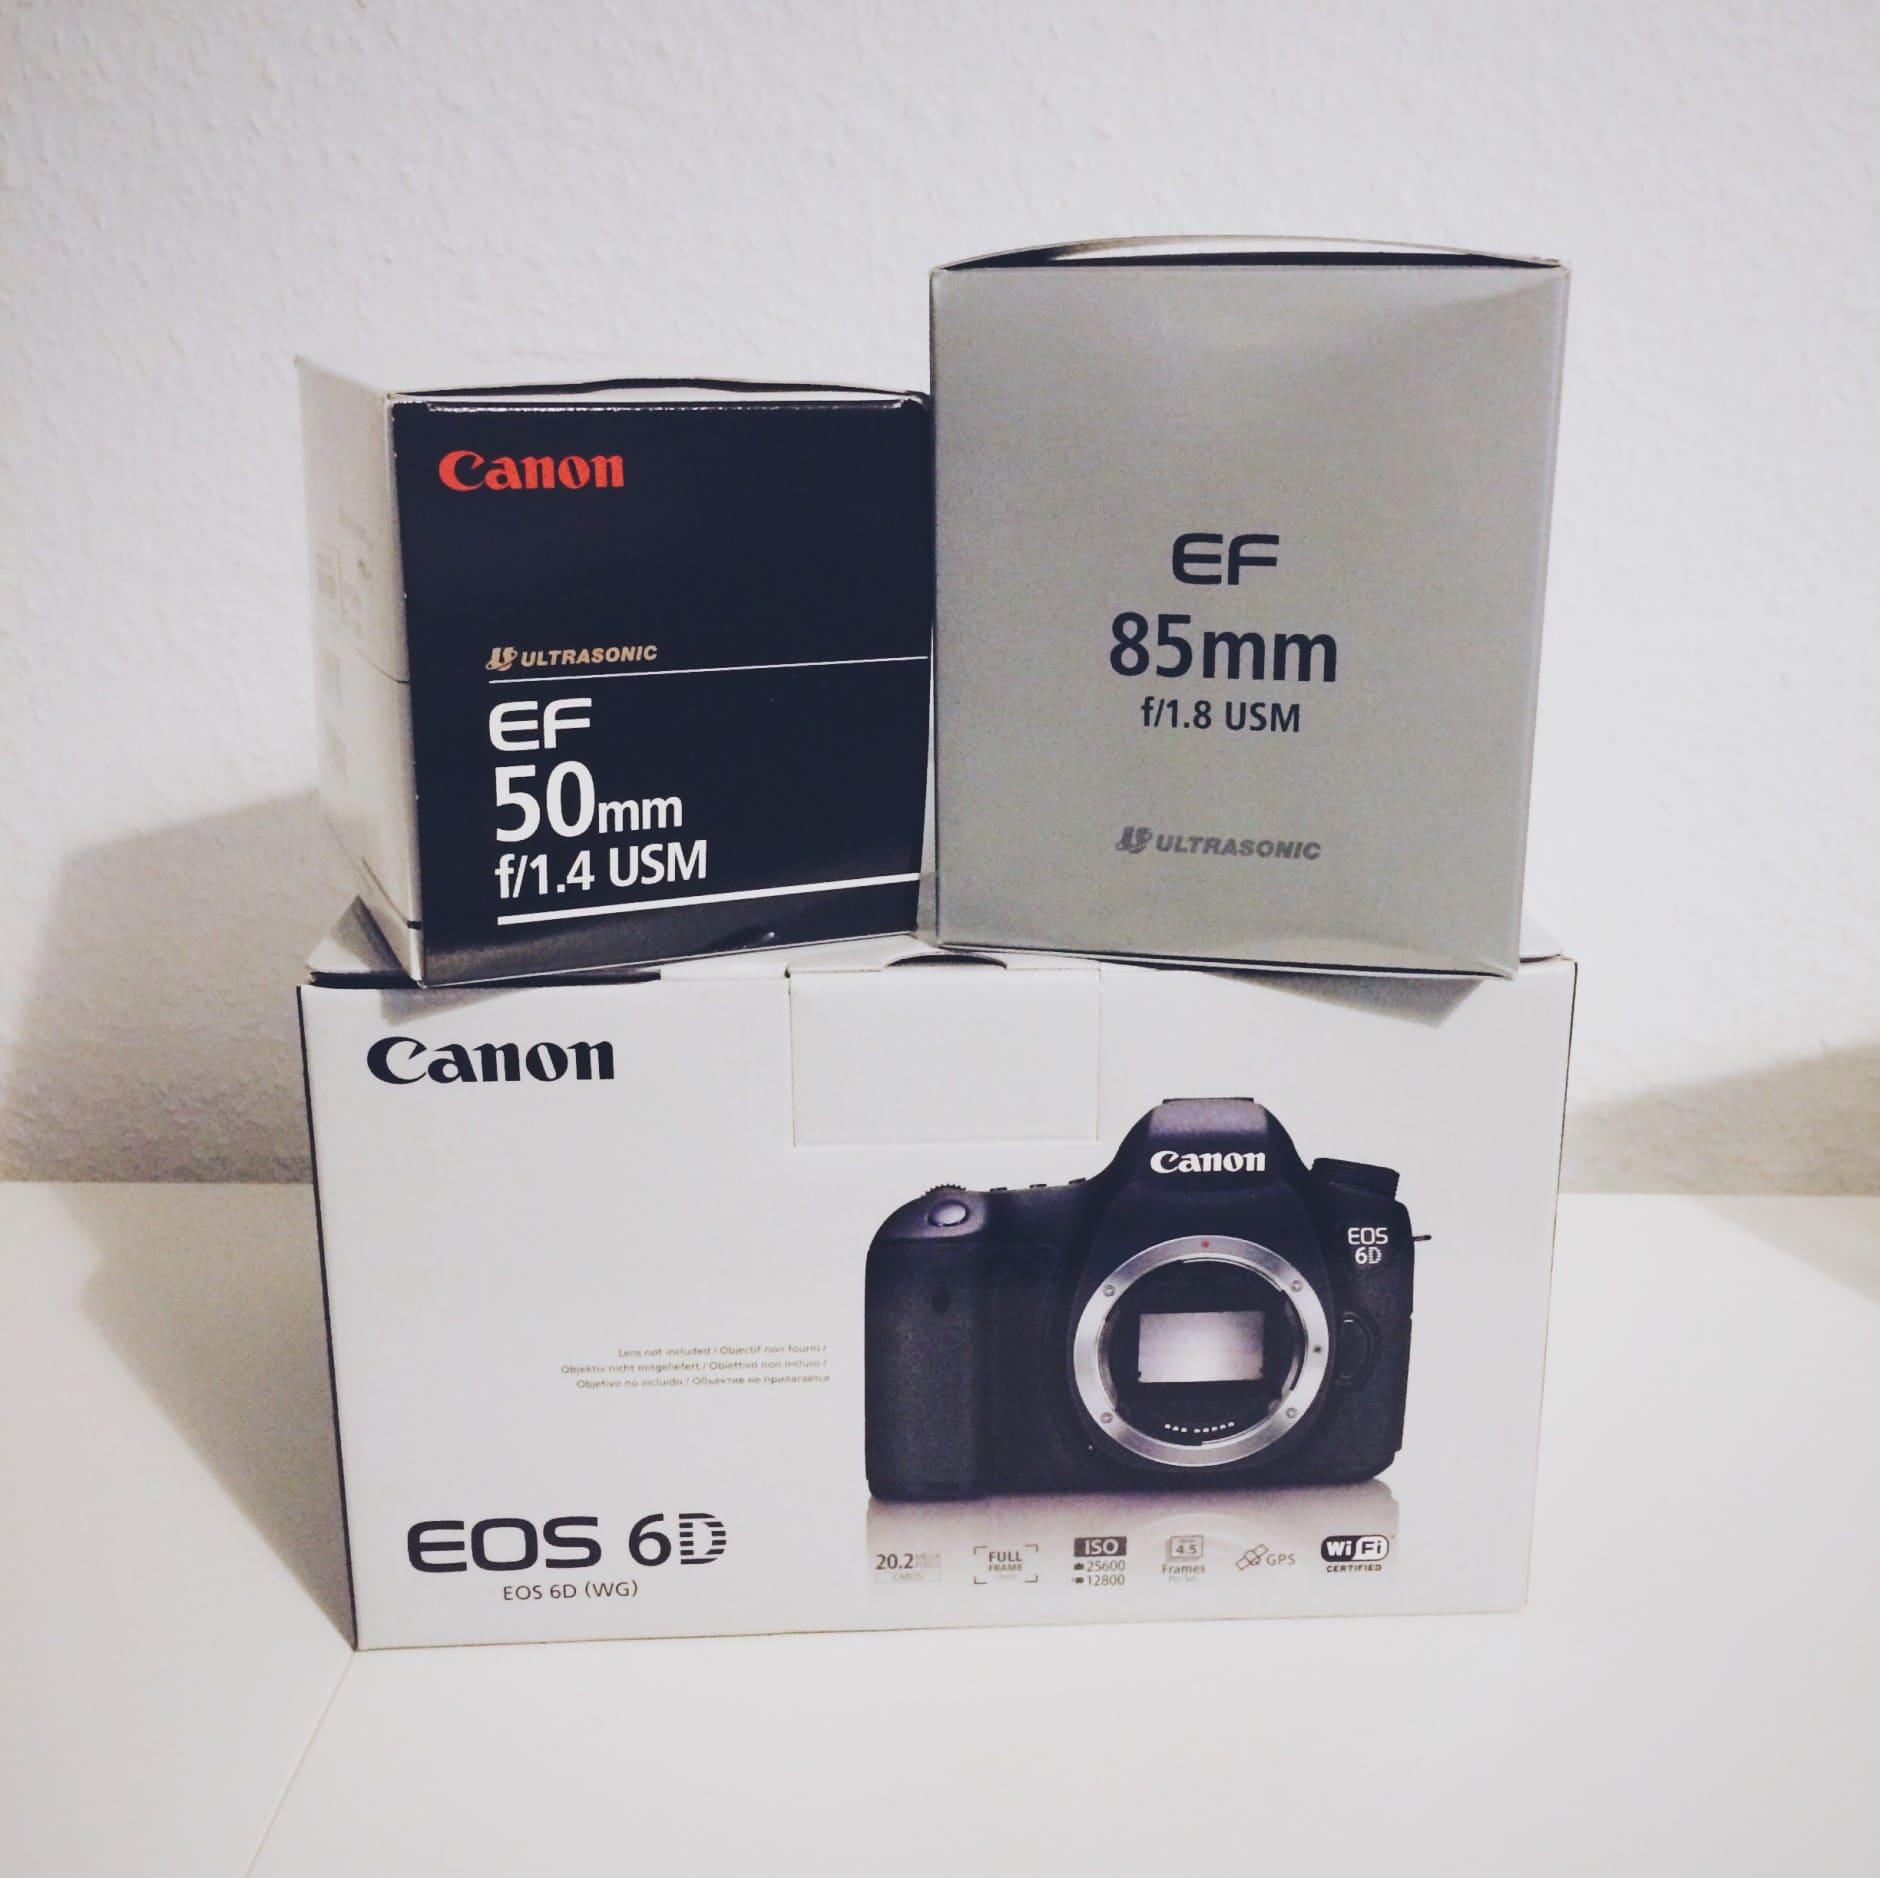 Meine Fotoausrüstung - Was gehört in meine Kameratasche?